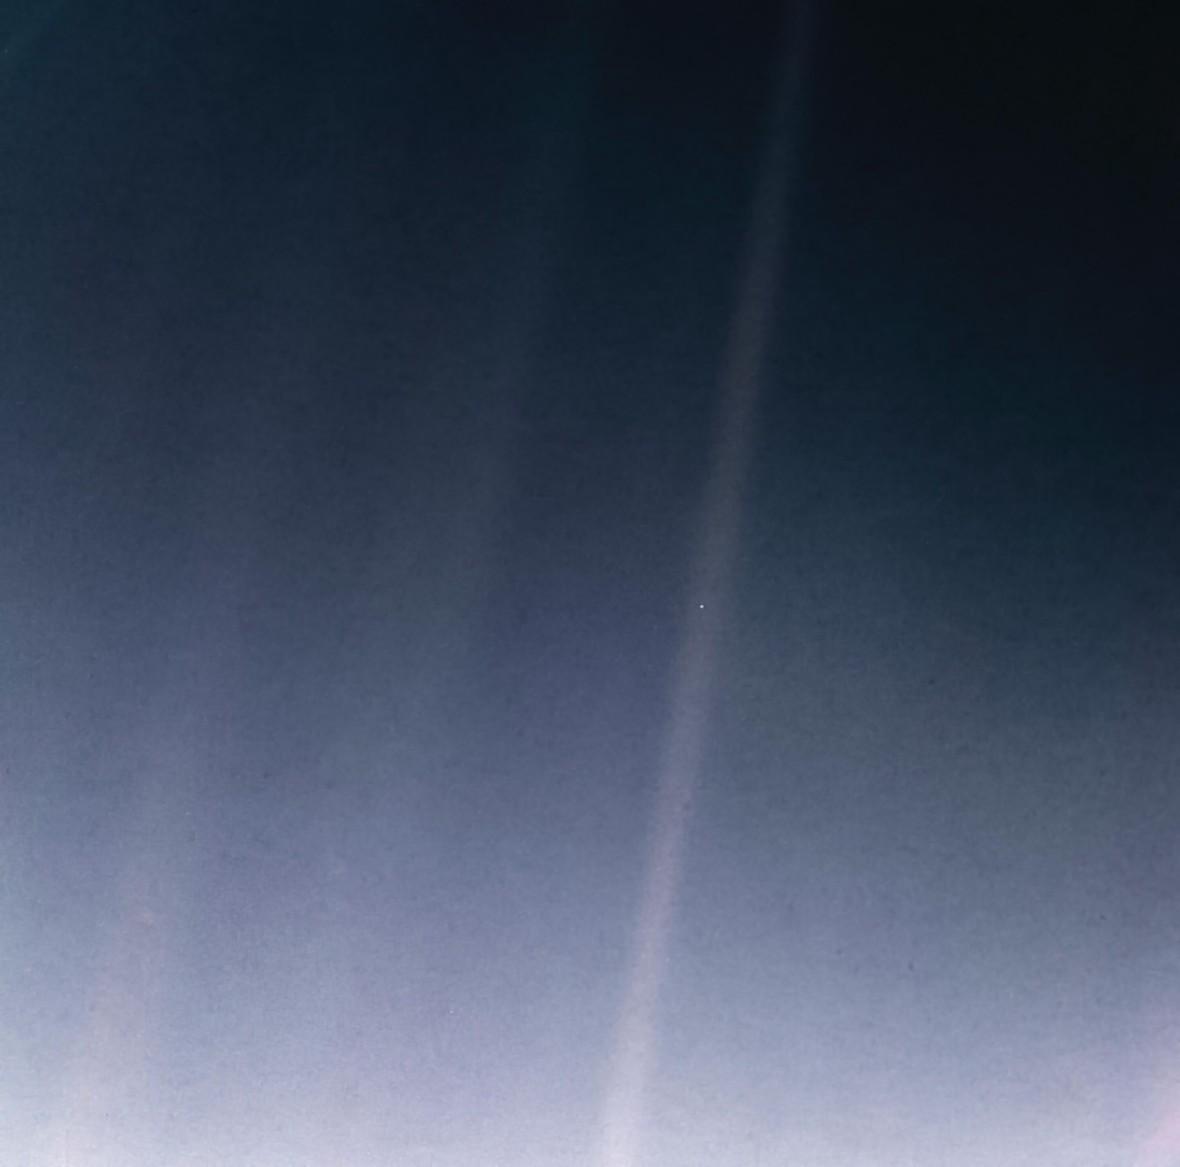 To zdjęcie pokazuje naszą pozycję we Wszechświecie. Oto Błękitna kropka w nowej odsłonie